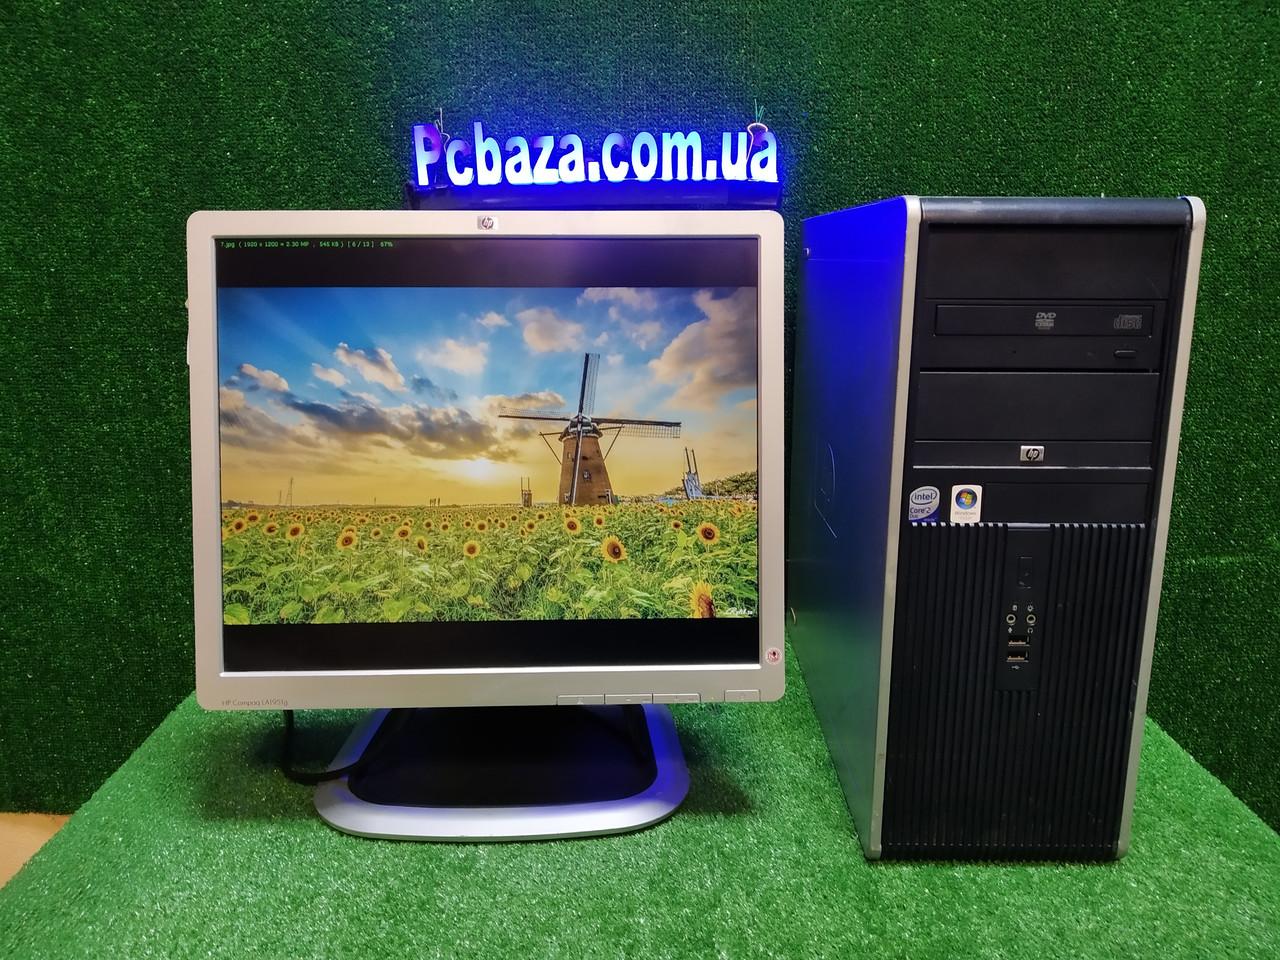 """ПК HP + мон 19"""", Intel E7500 2.93 Ггц, 4 ГБ, 160 ГБ Налаштований! Є Опт! Гарантія!"""